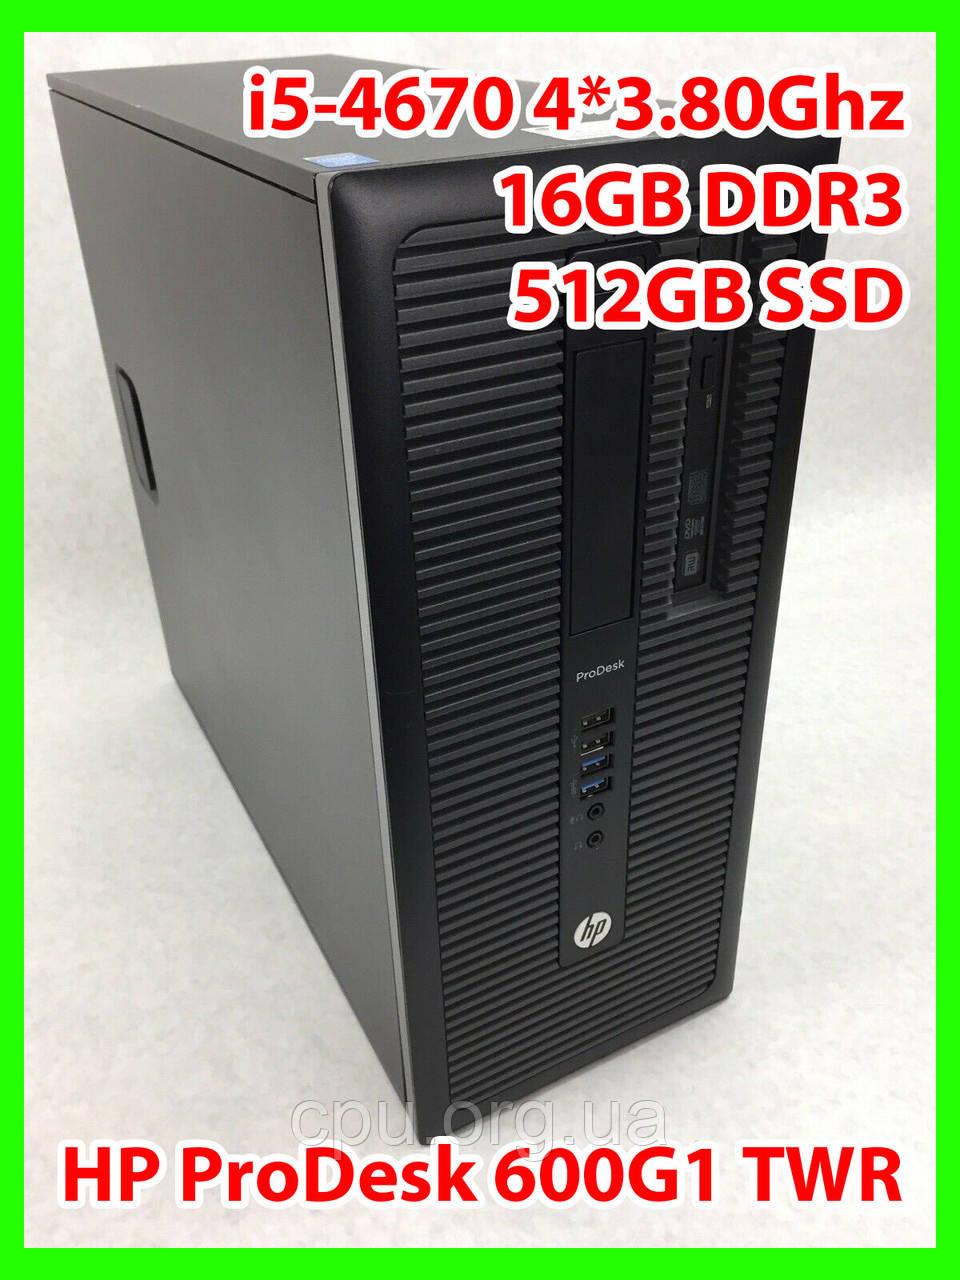 Системний блок HP - i5-4670 4 ядра 3,40-3,80 Ghz / 16GB DDR3 / SSD 512gb